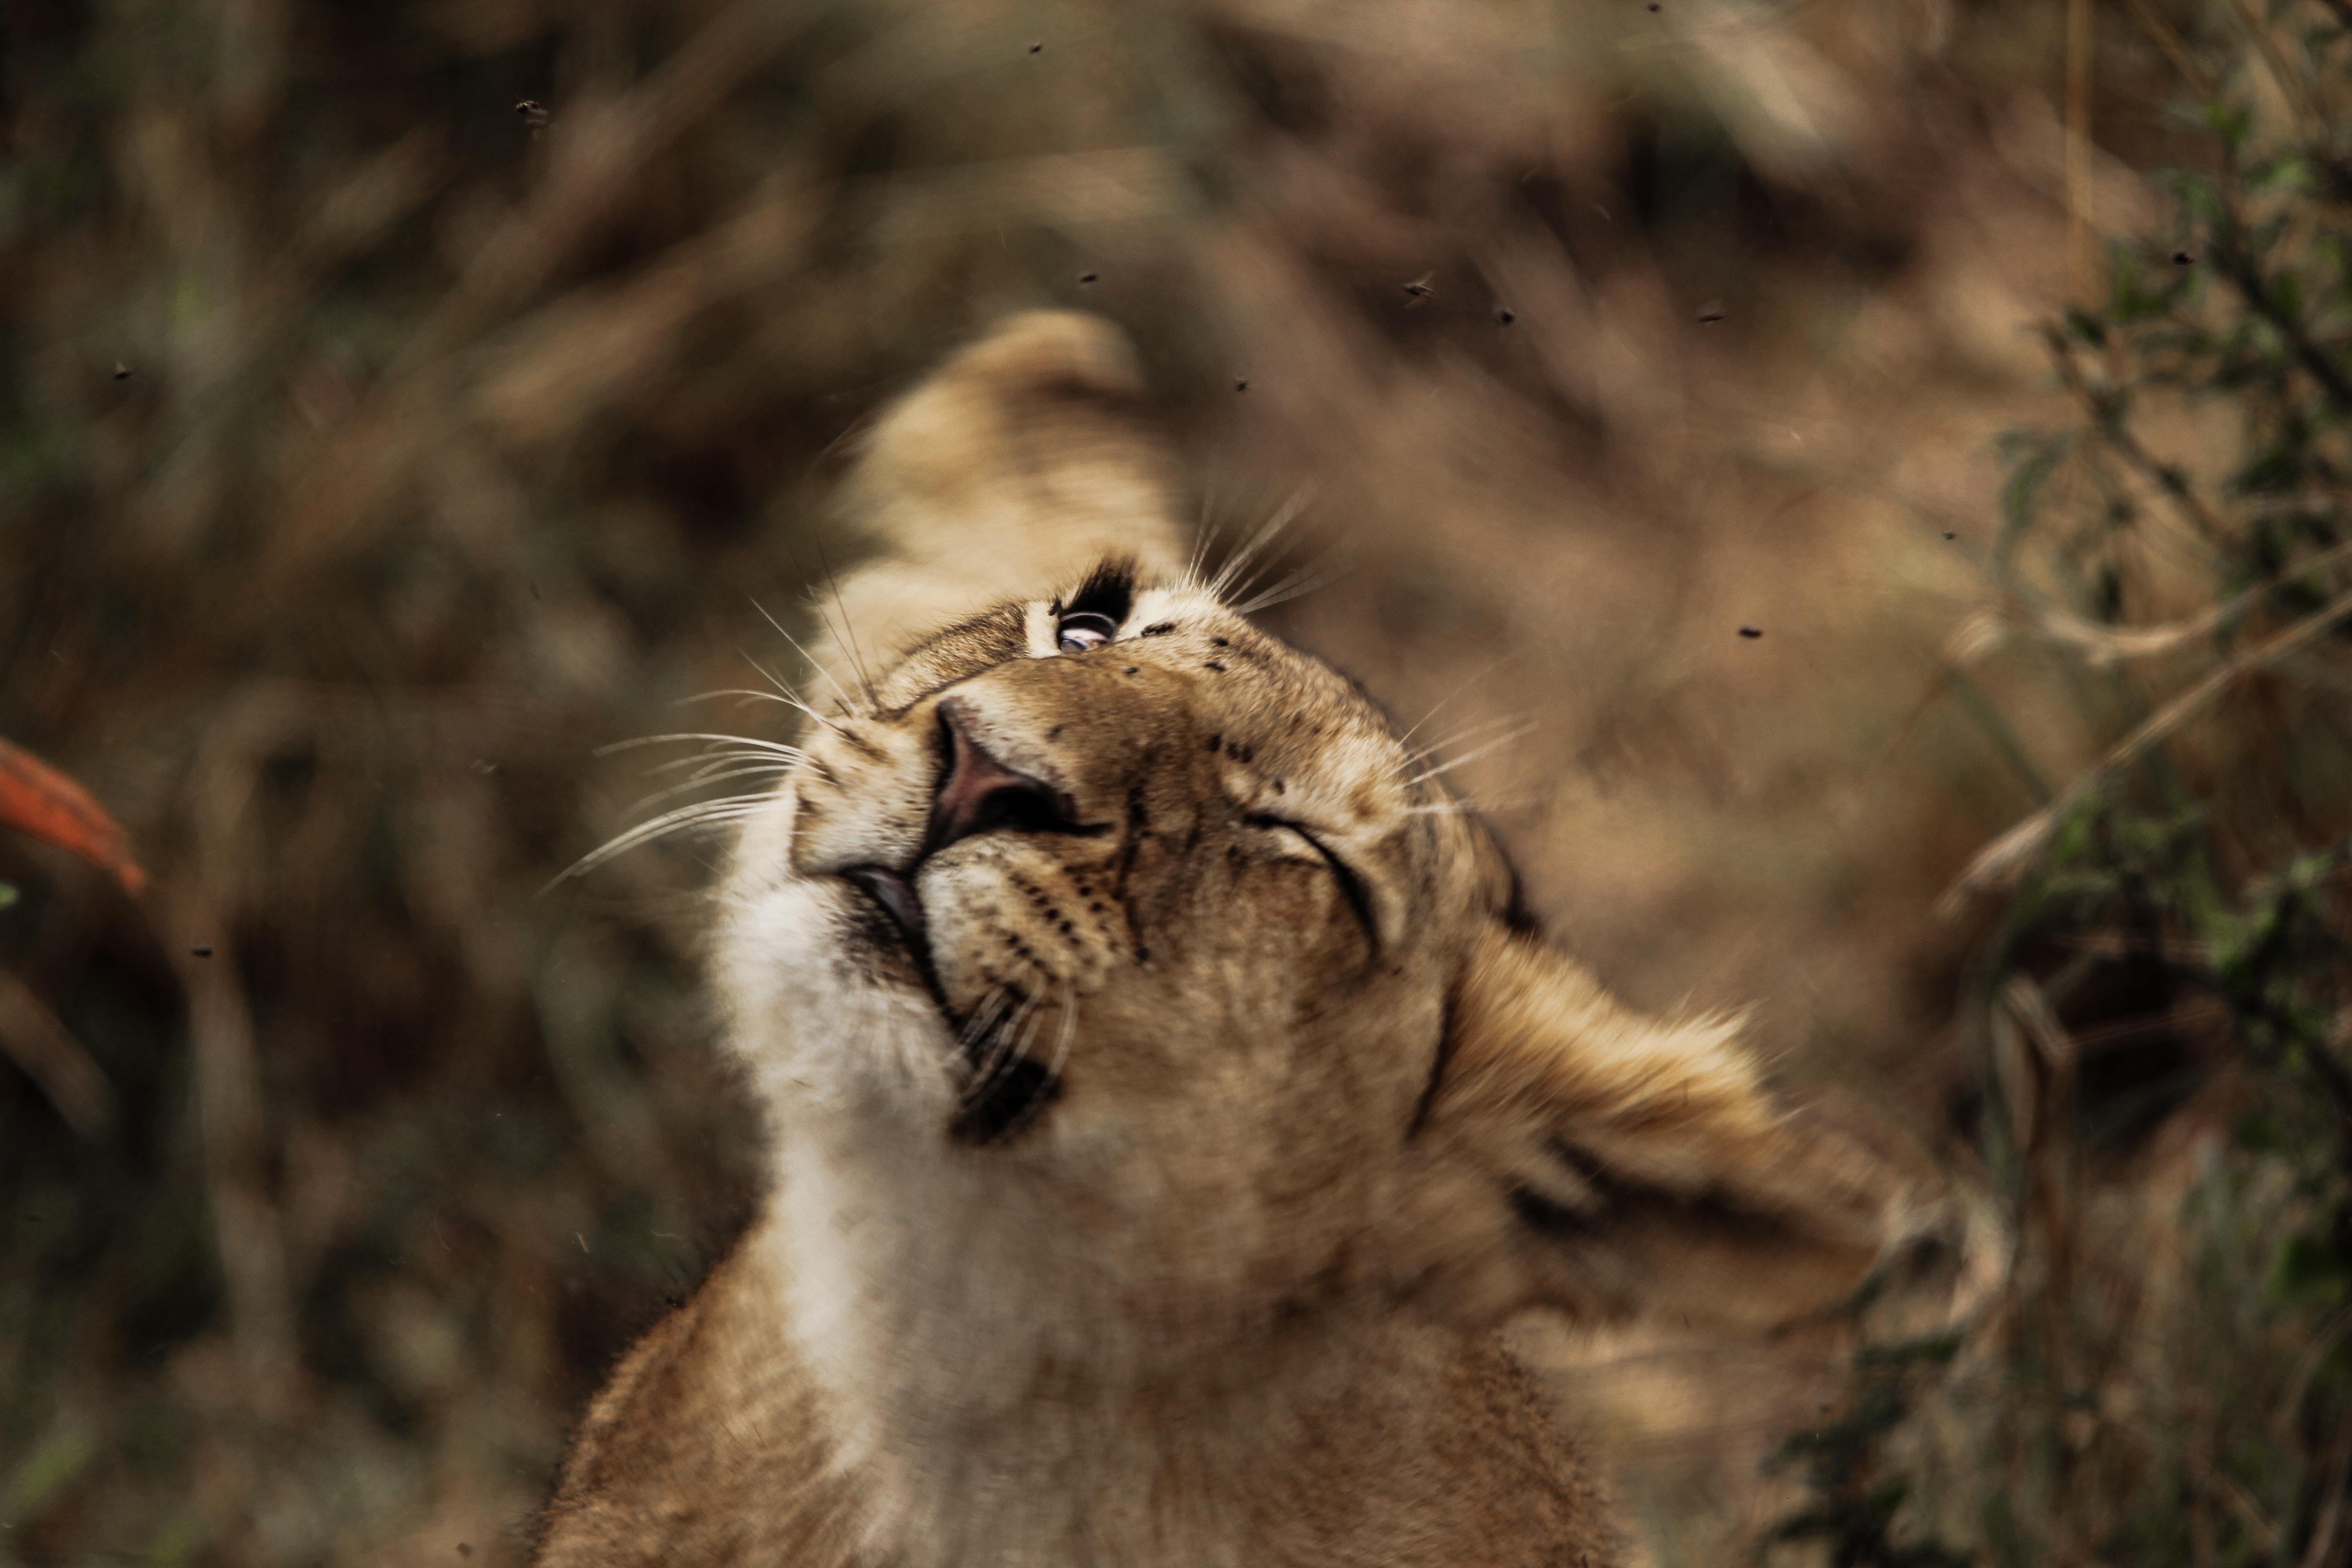 lion cub selective focus photography